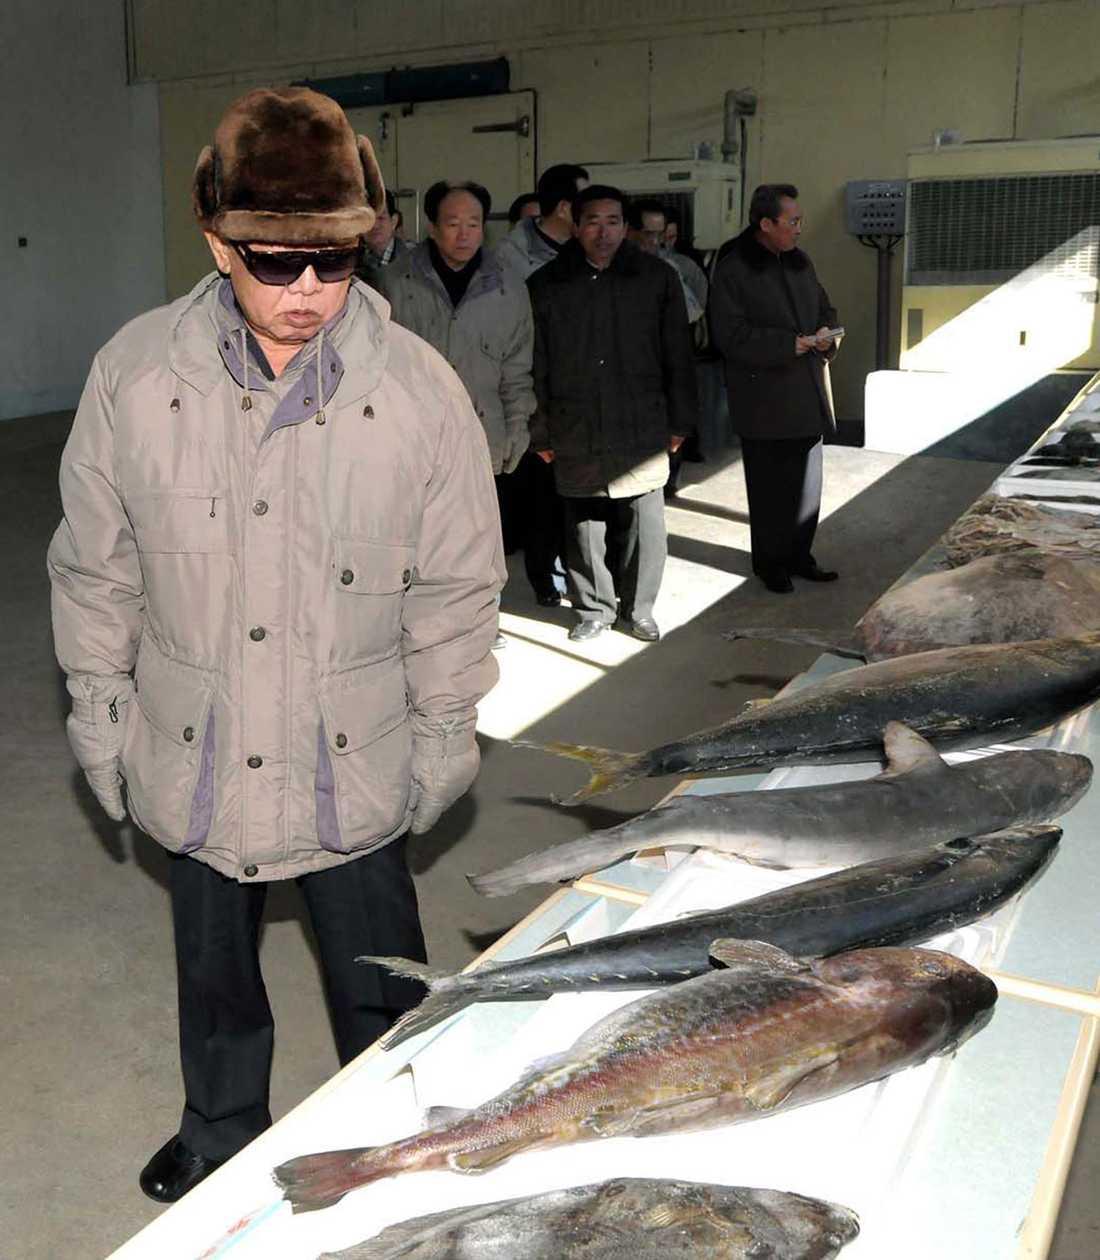 KIM TITTAR PÅ DÖD FISK Ledarens ansikte uttrycker djup medkänsla för de här fina fiskarna som gett sina liv för att föda nationens barn.